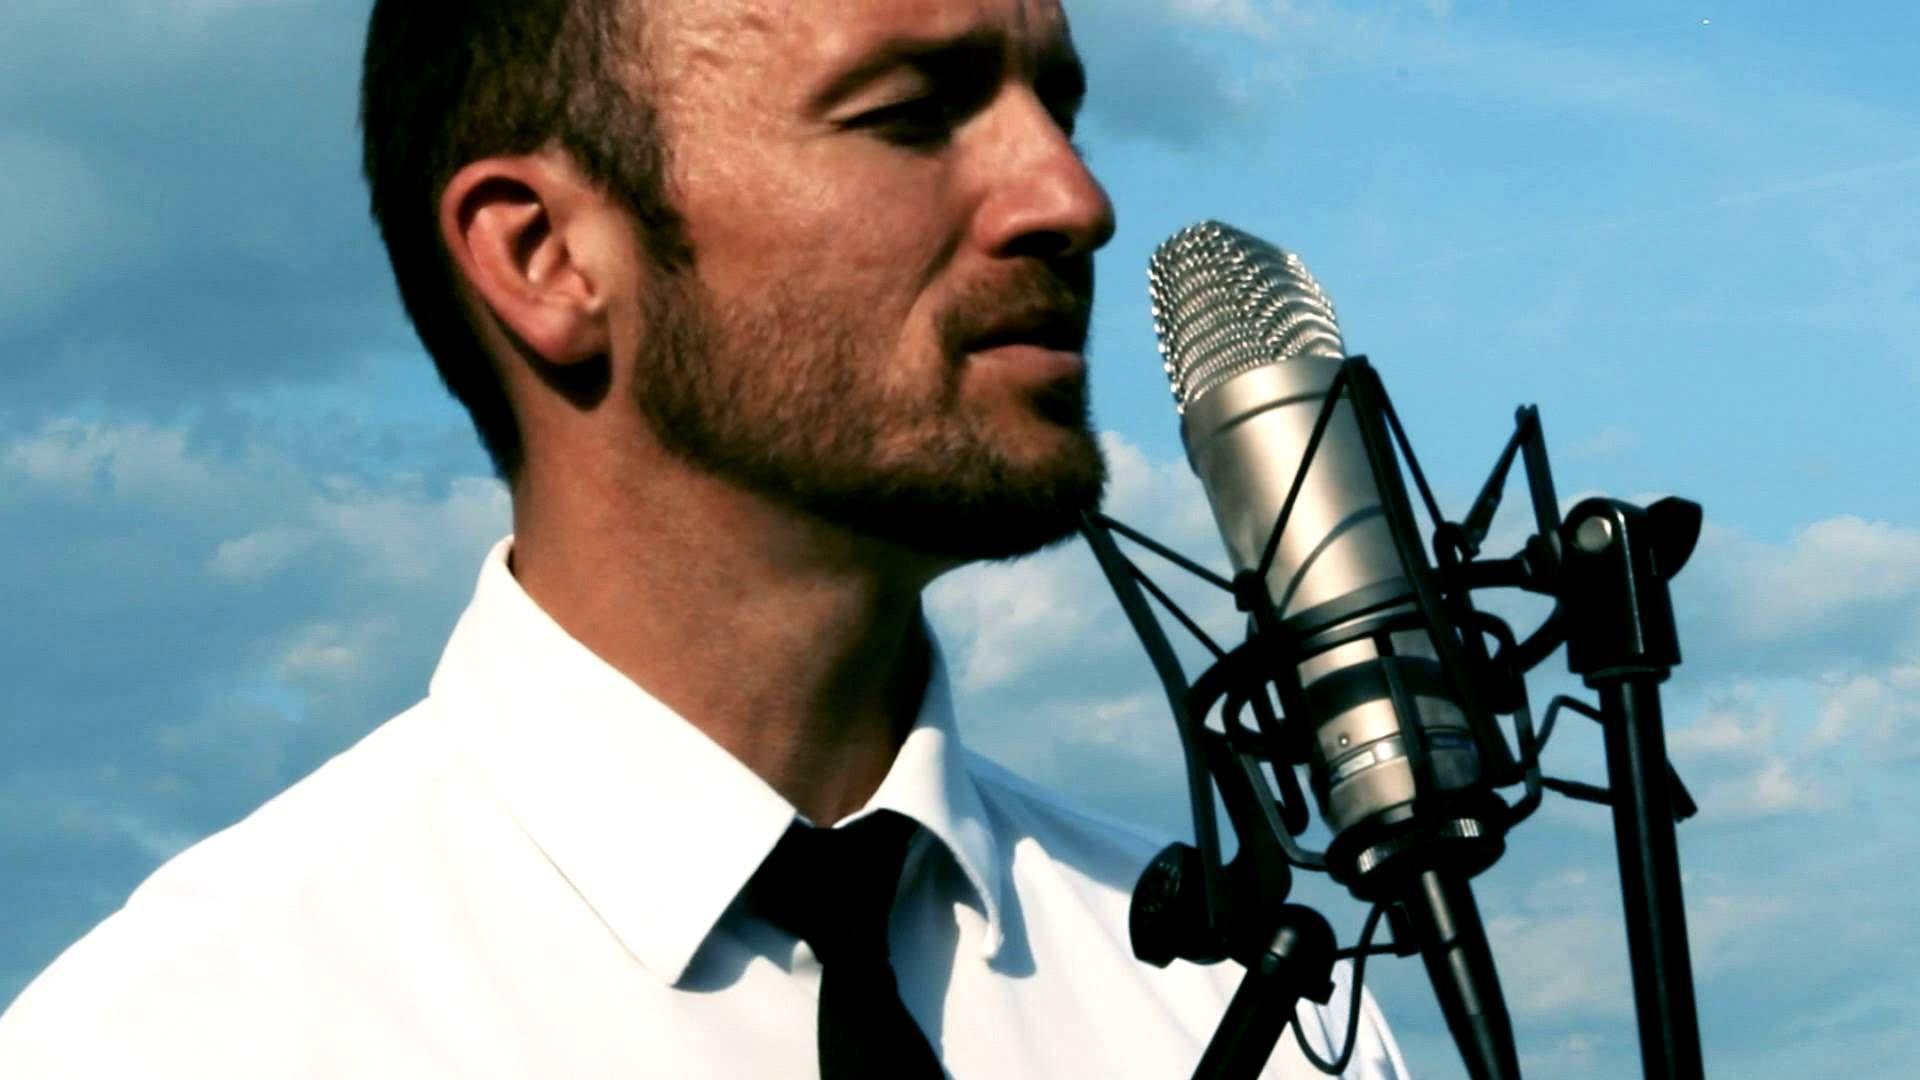 Das Leben Ist Schon Cover Von Christian Bruns Lied Fur Beerdigung Un Trauerfeier Trauer Lied